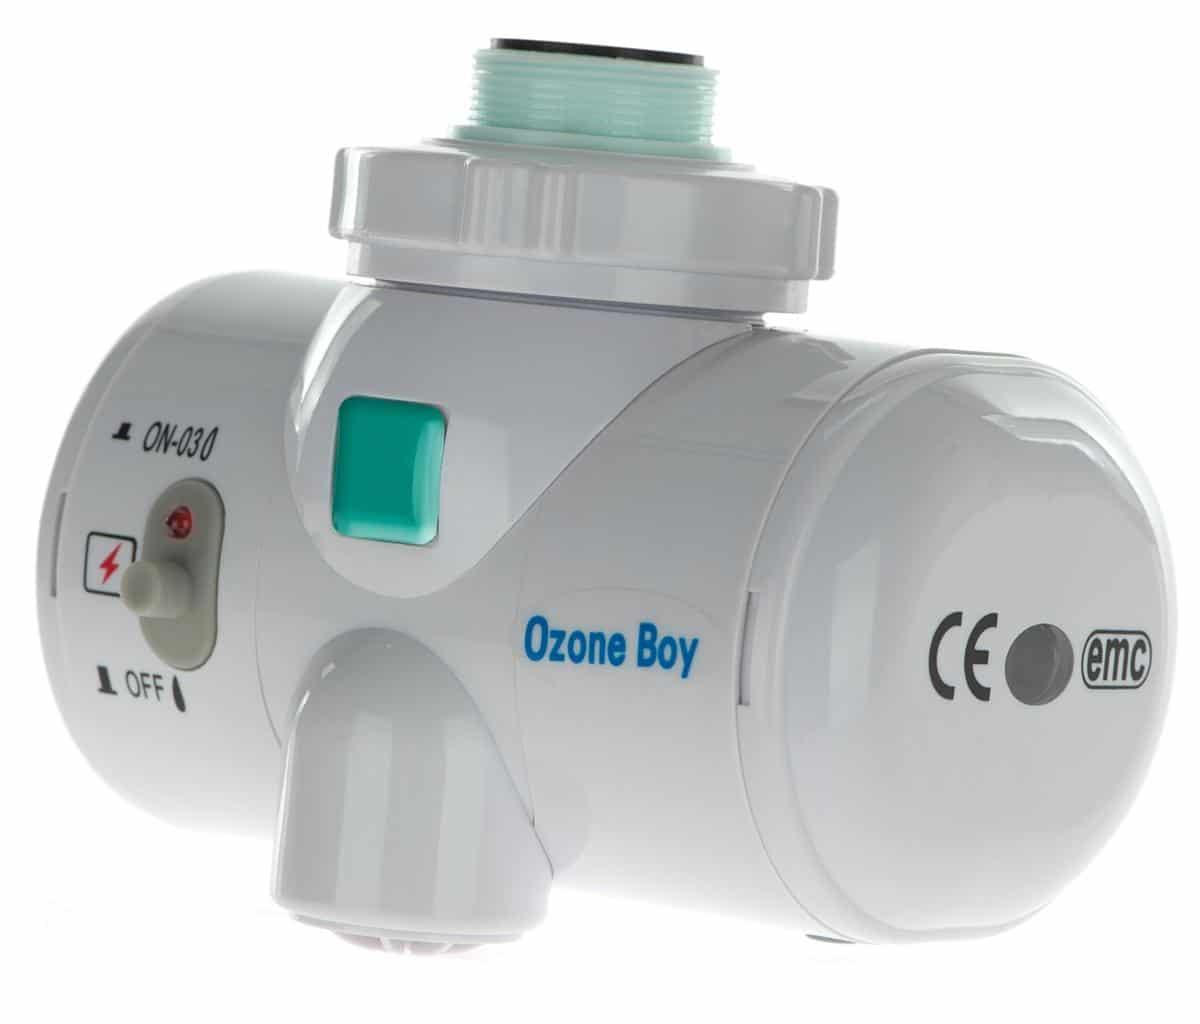 Дешевые домашние фильтры и очистители для воды - Руководство 2020